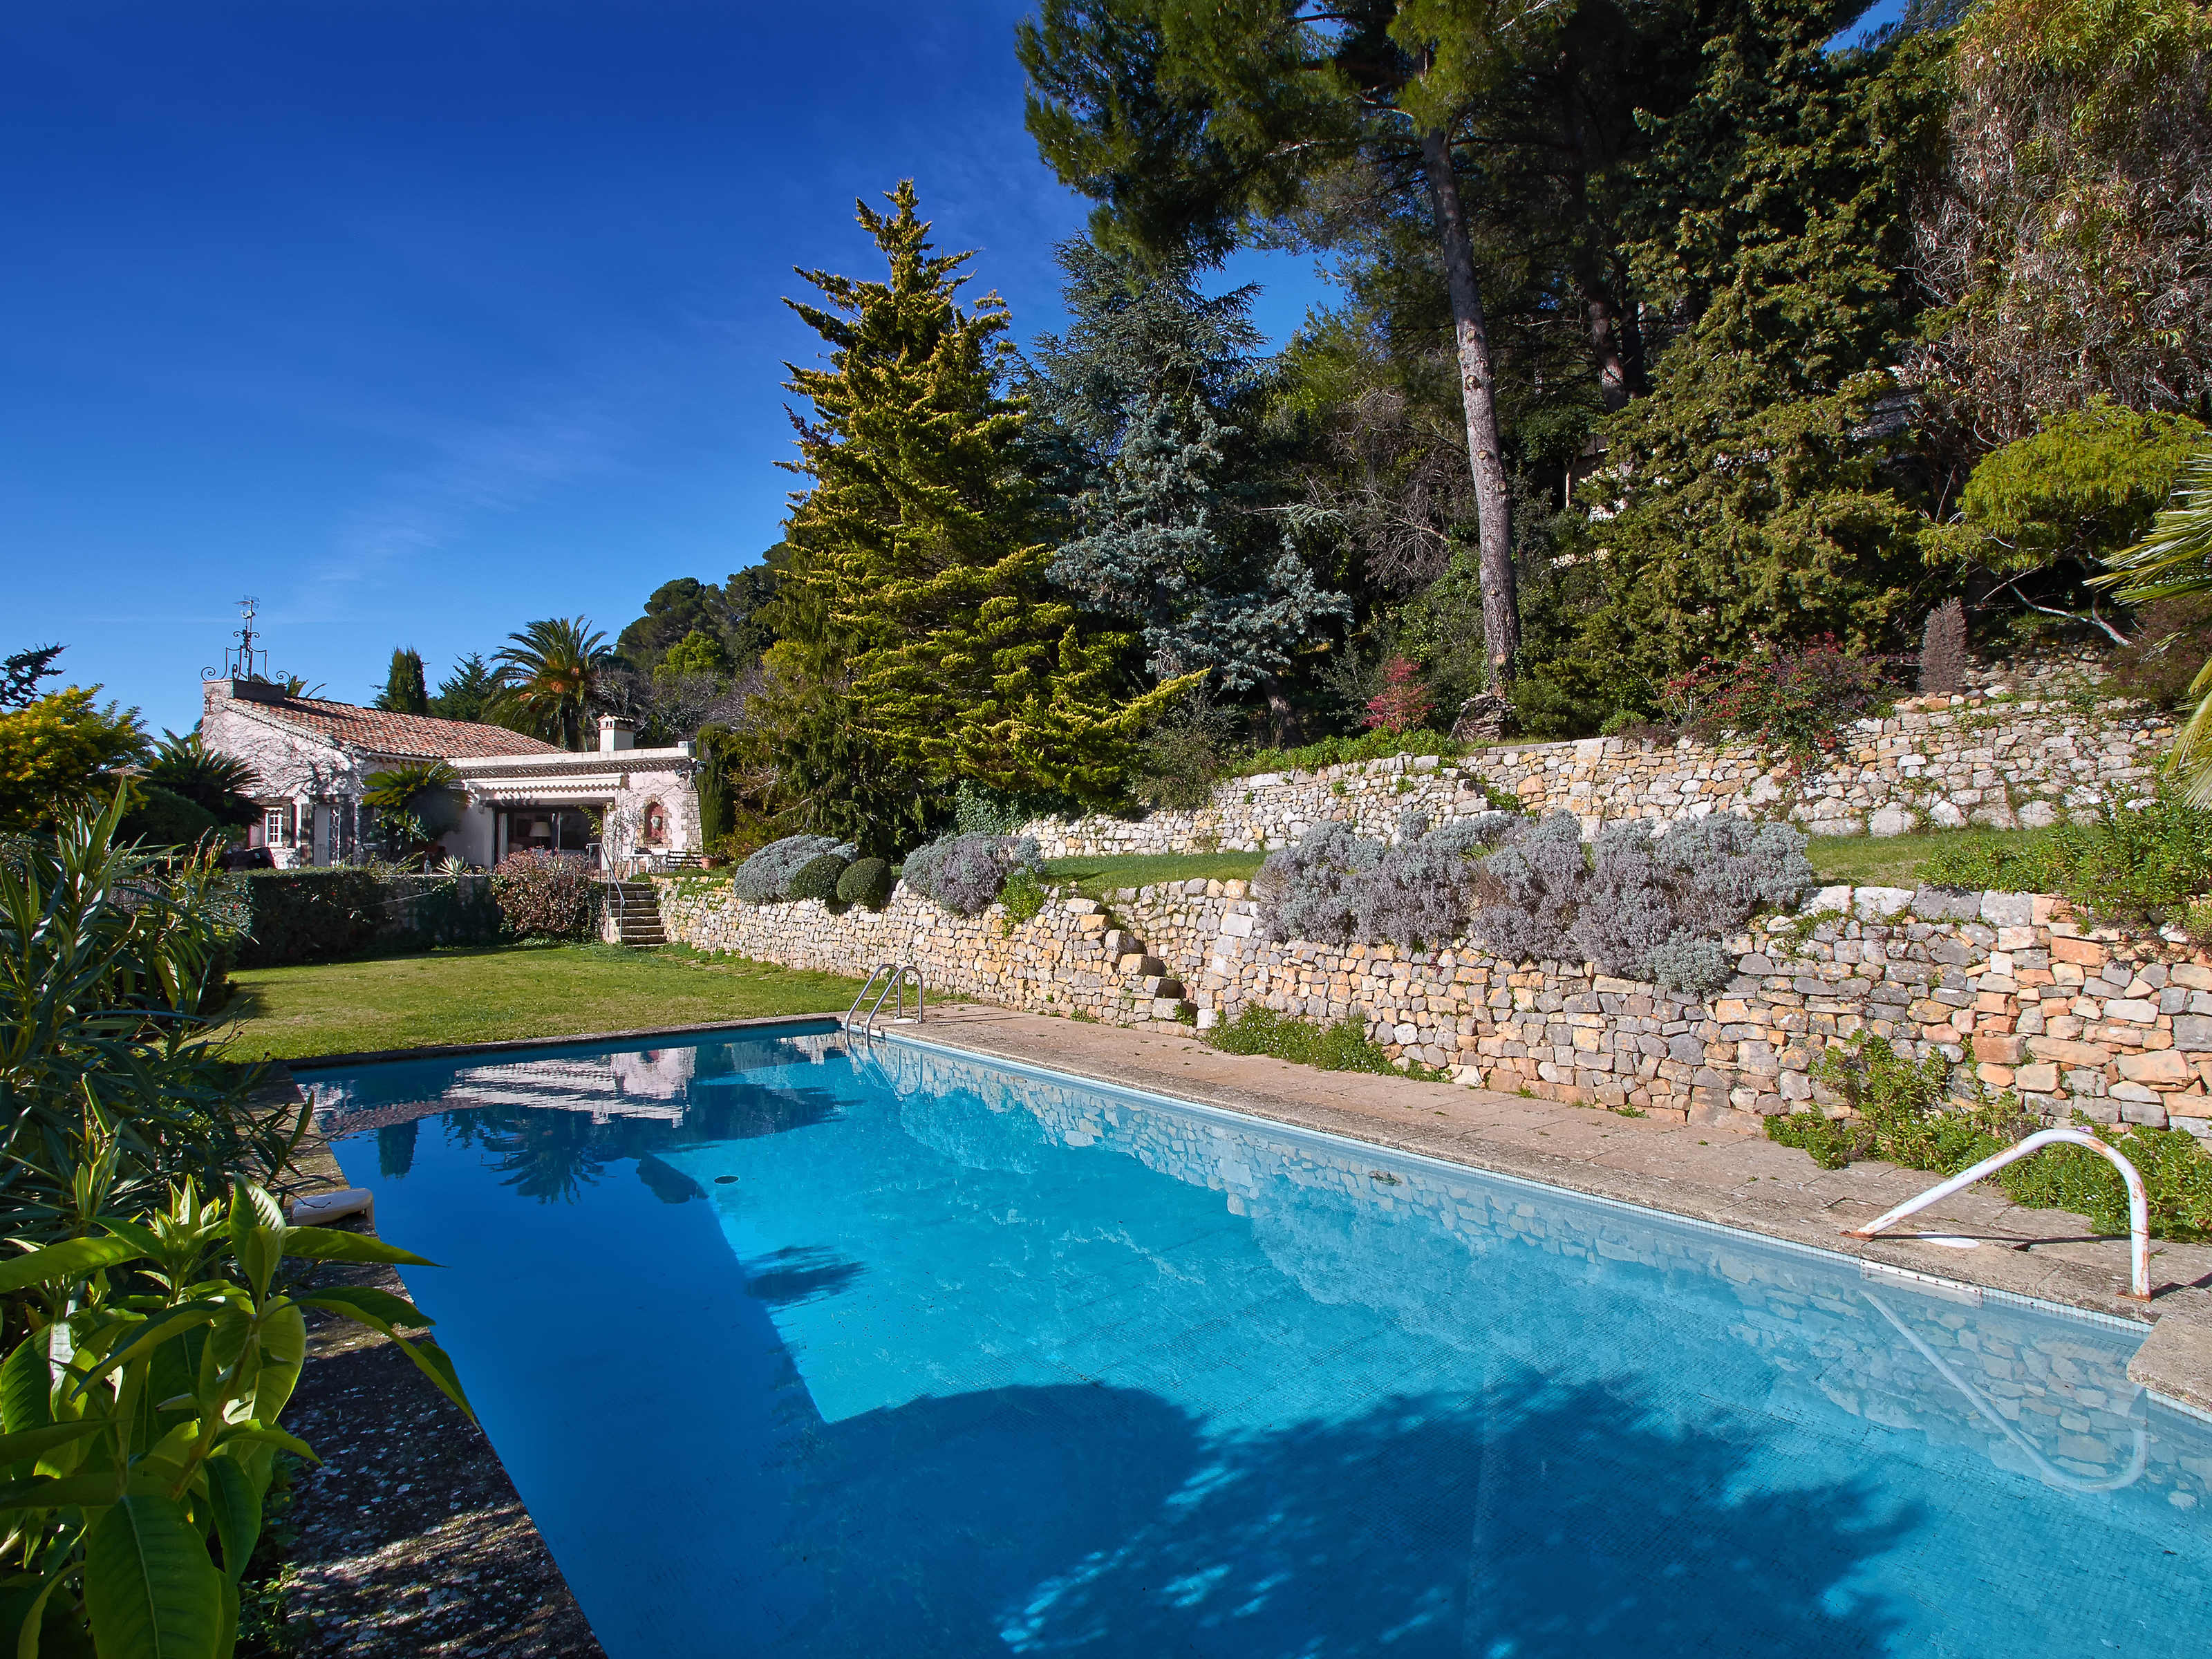 独户住宅 为 销售 在 Provencal house with beautiful sea view Cannes, 普罗旺斯阿尔卑斯蓝色海岸 06220 法国